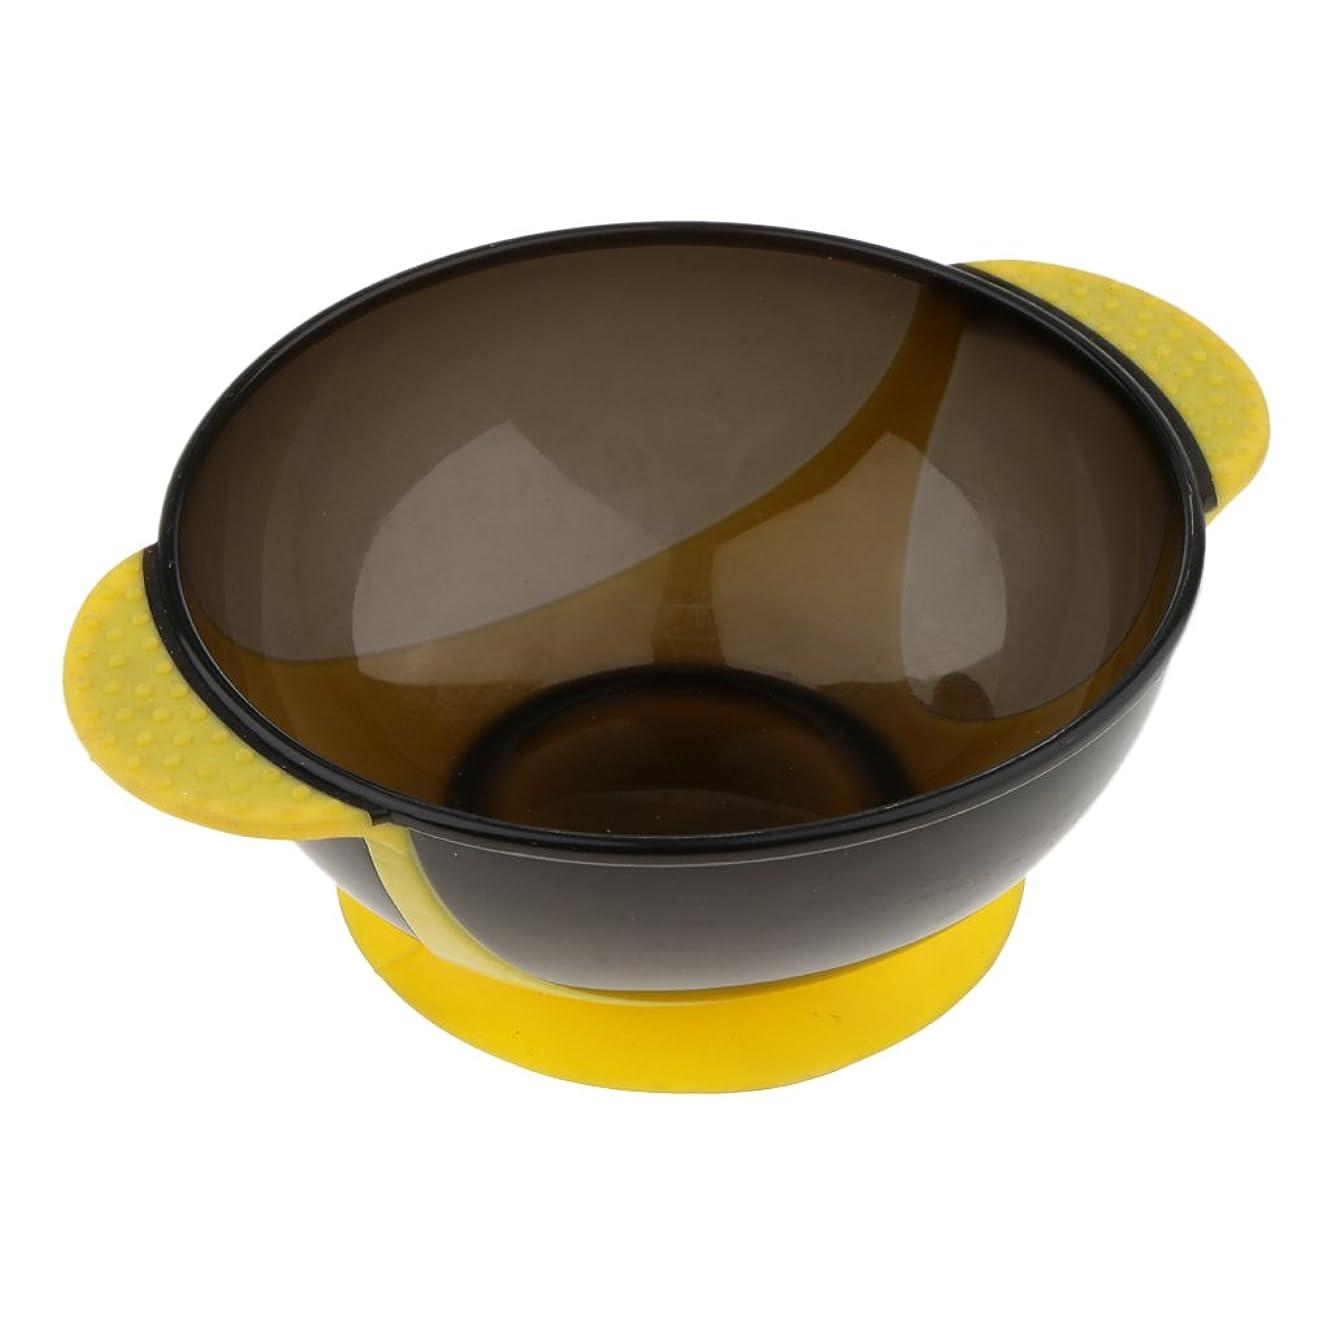 結婚式変形する物理的にHomyl ヘアダイボウル ヘアカラー ミキシングボウル 染料 色合い ボウル 吸着パッド ヘアスタイリング おしゃれ染め プラスチック製 プロ サロン DIY 3色選べる - 黄